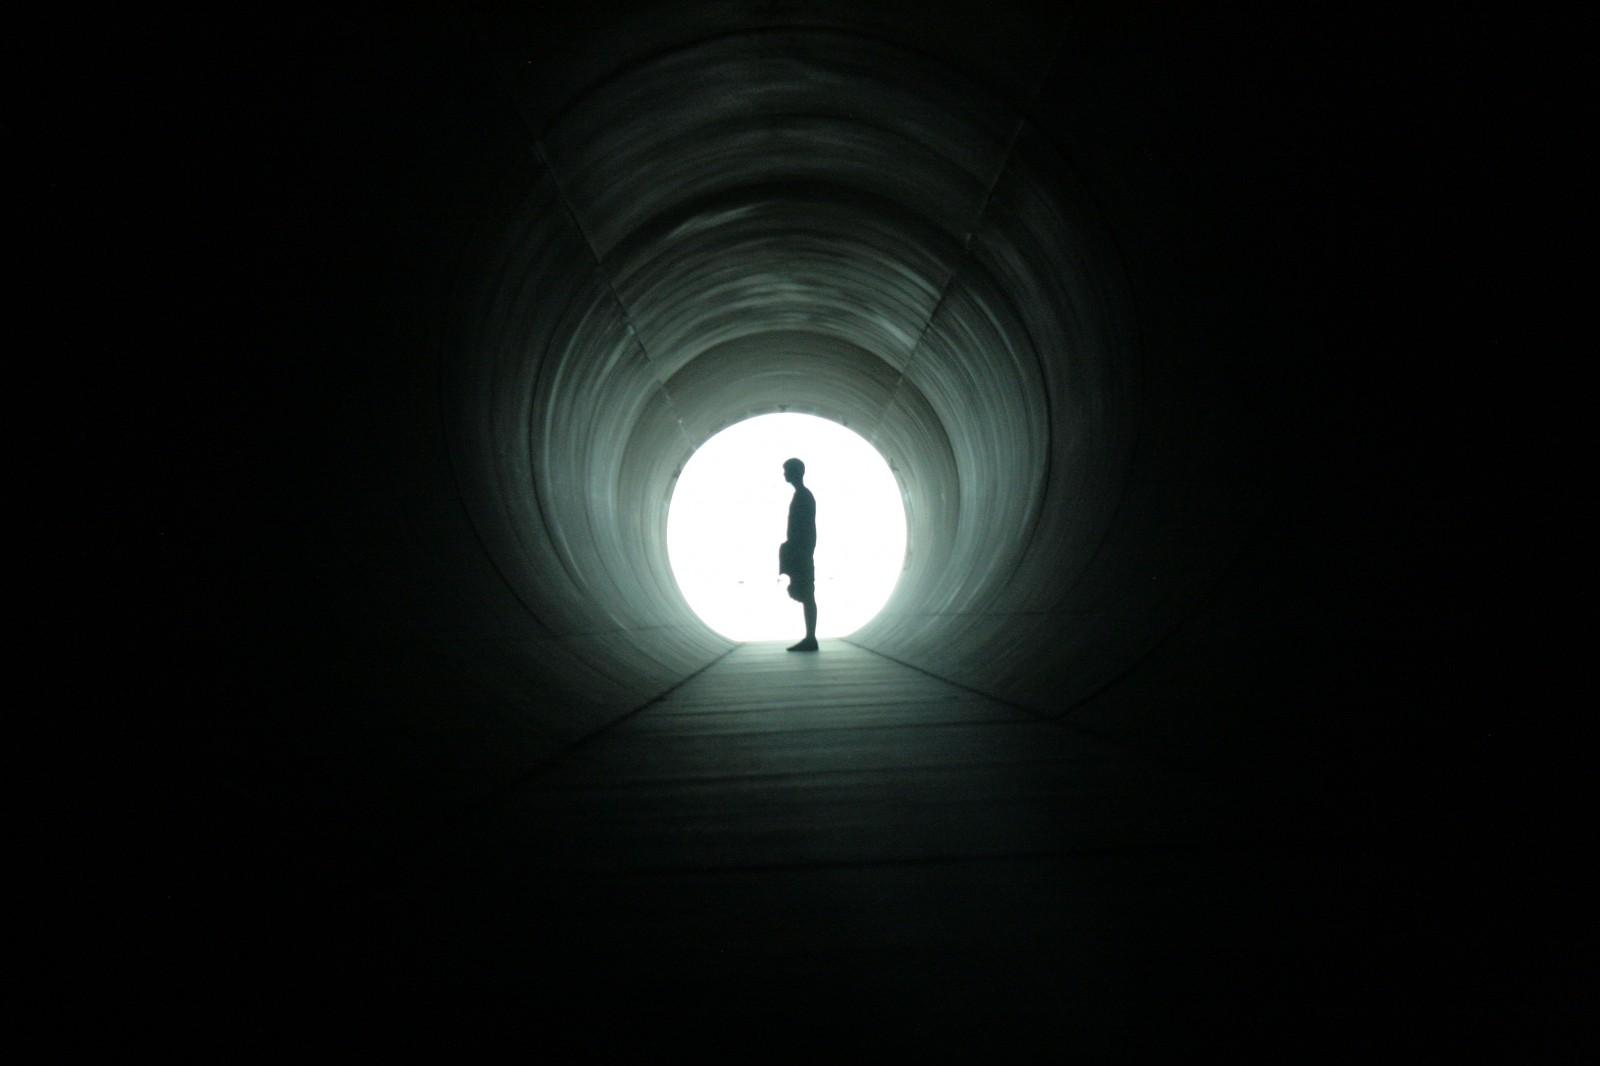 BC: Психологи изучили природу околосмертного опыта